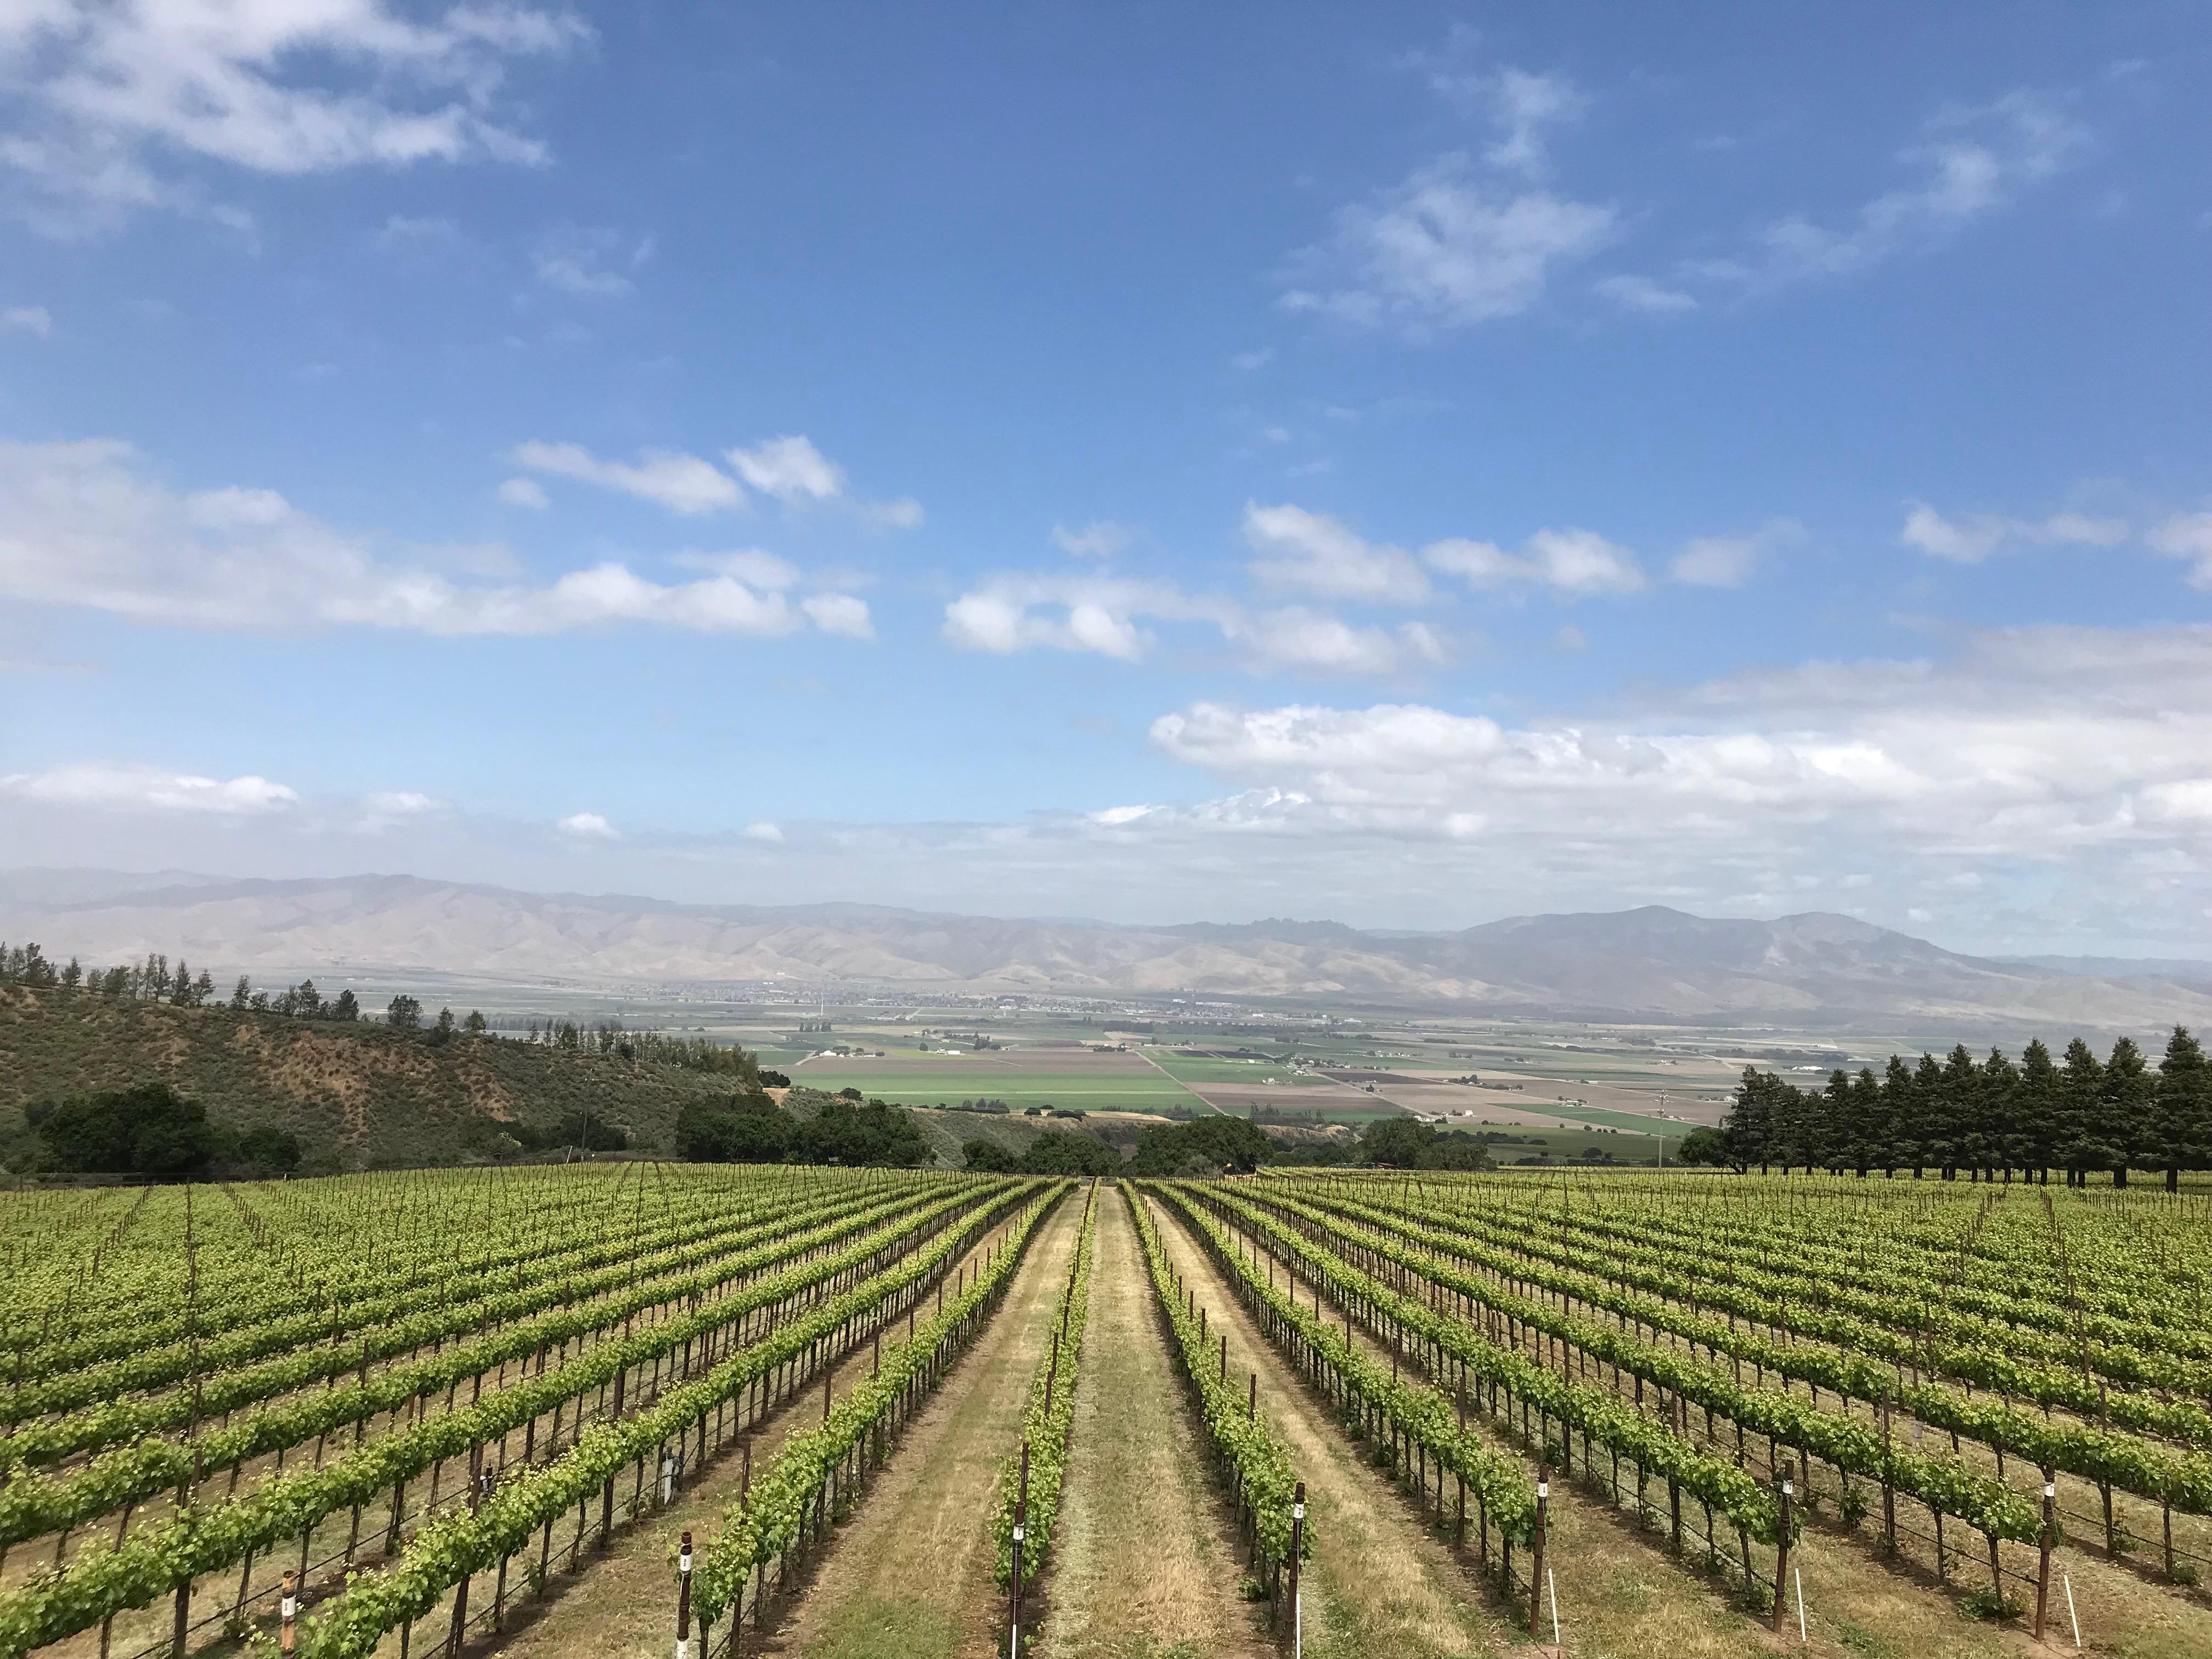 ◆終了◆ 2020.10.10   南カリフォルニアワインを楽しむ会 第14回 【サンタバーバラ】